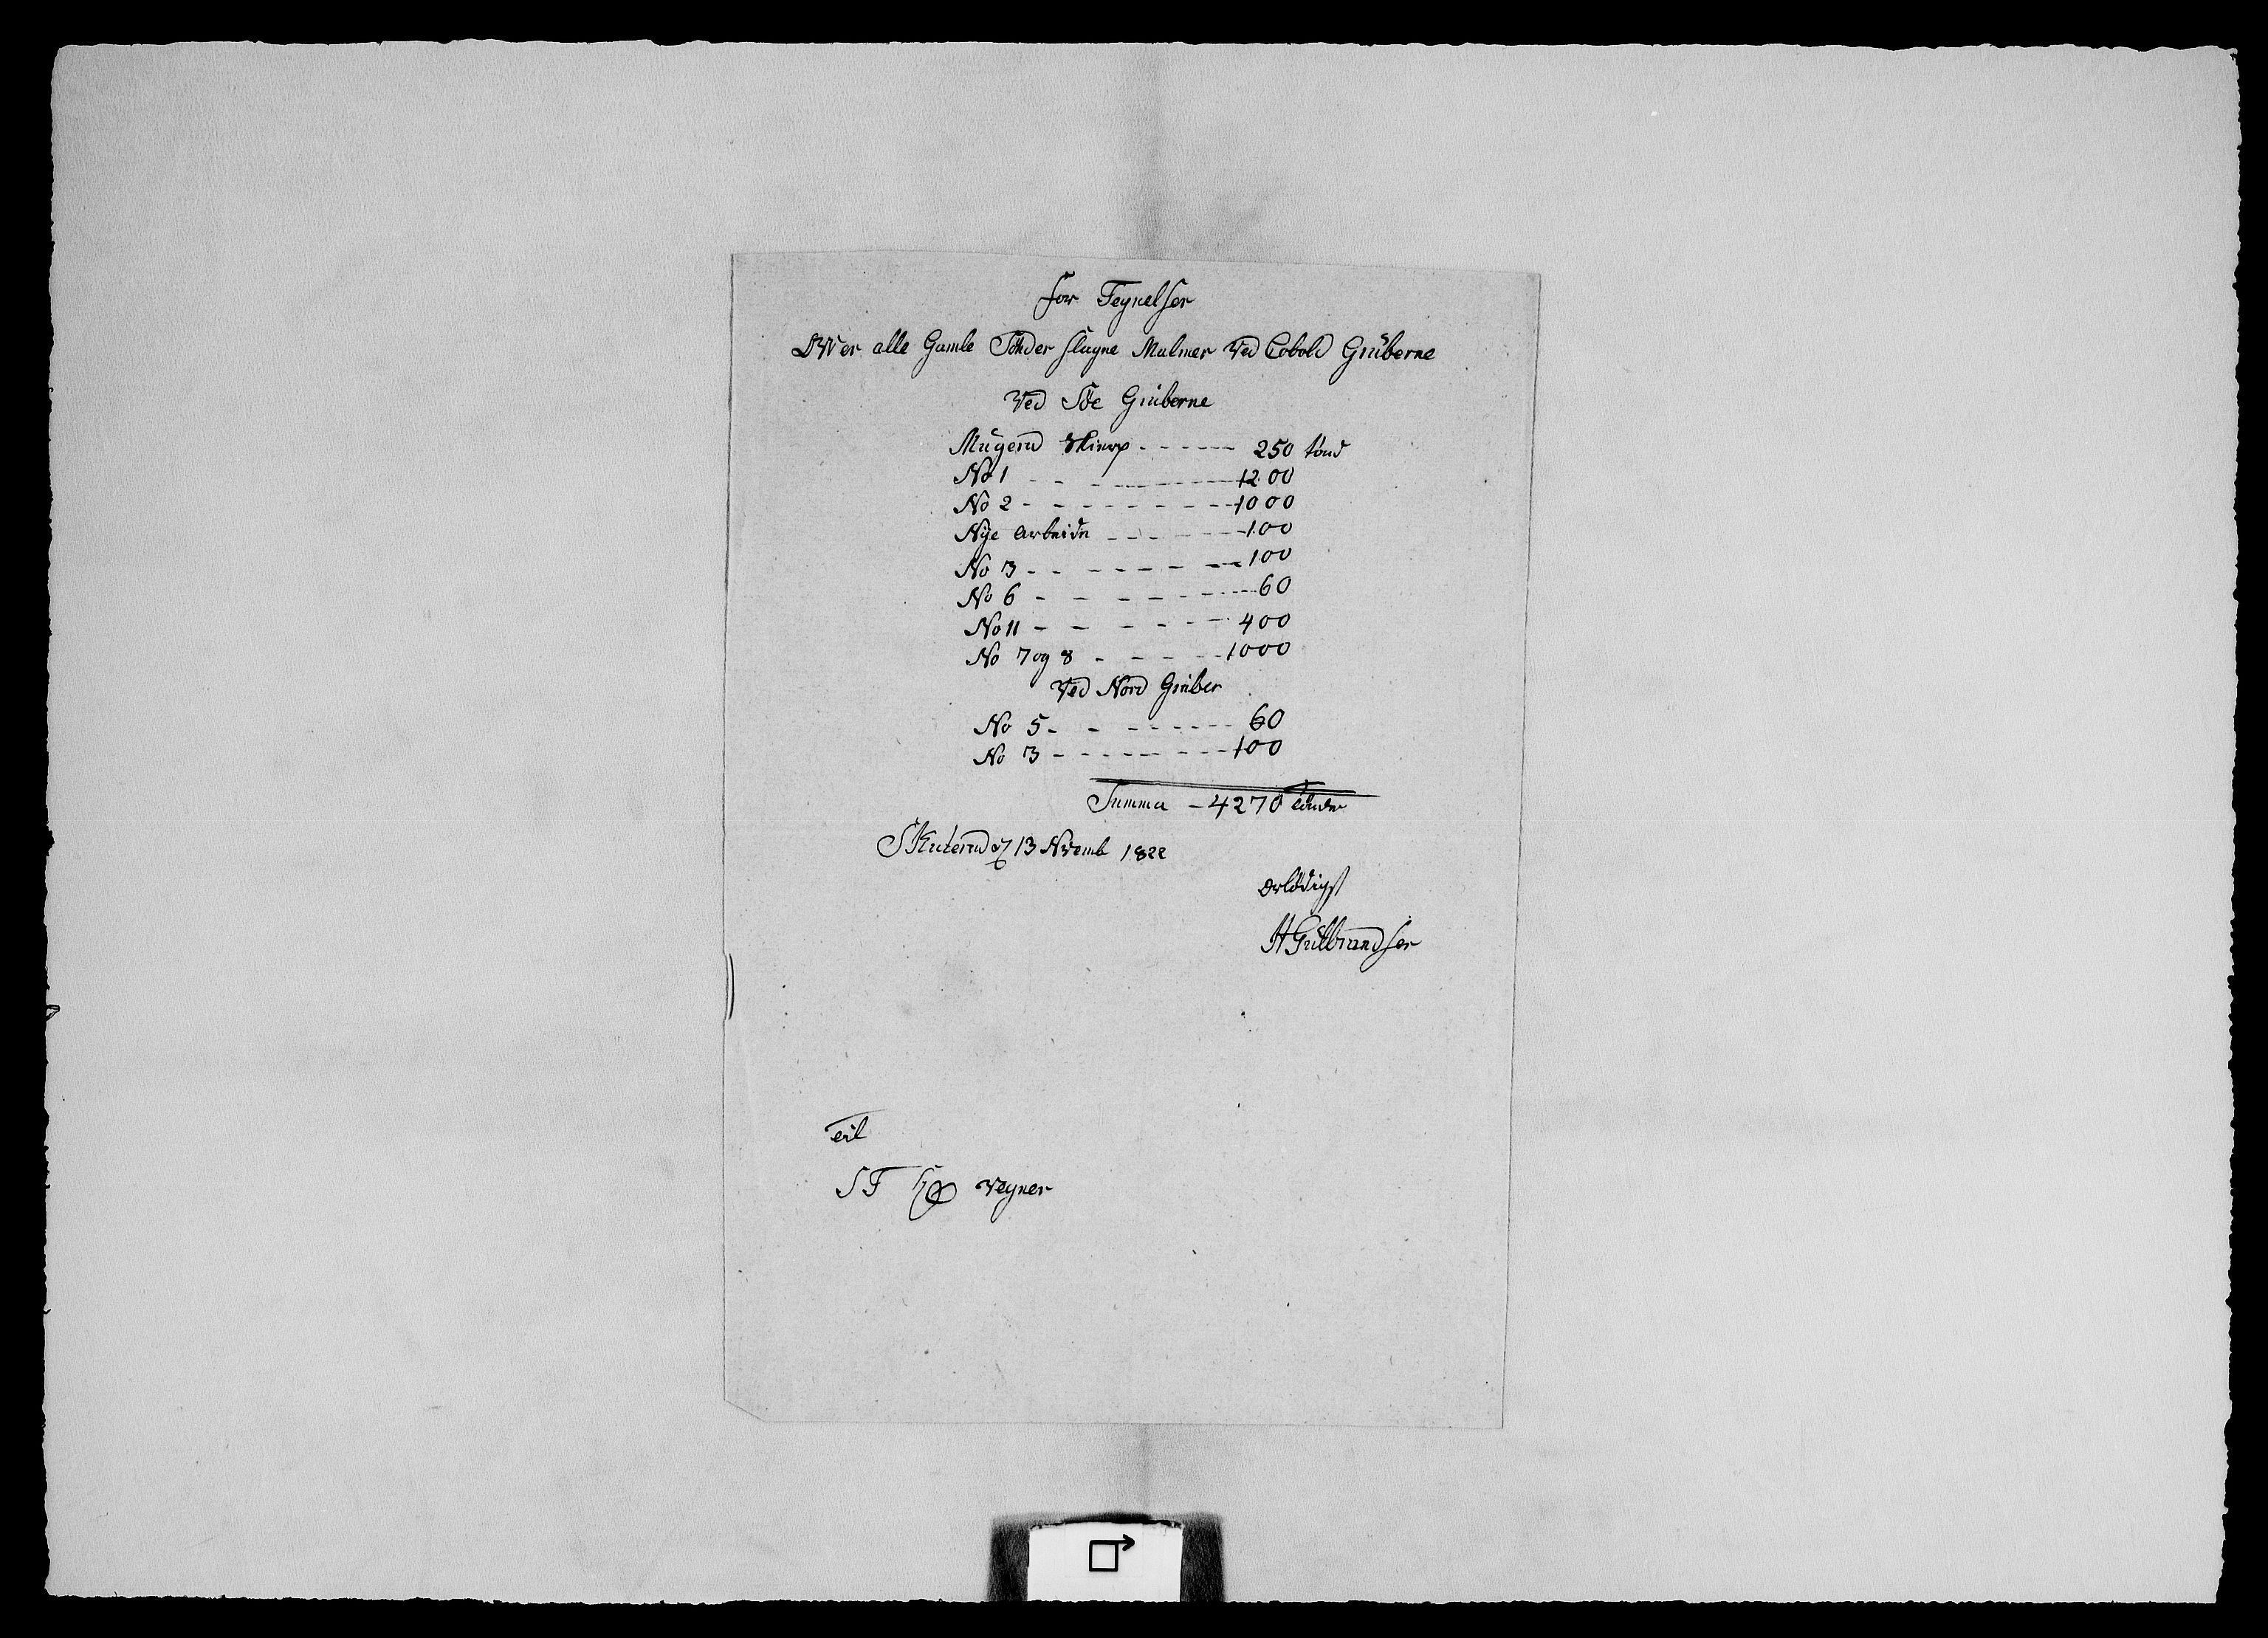 RA, Modums Blaafarveværk, G/Ge/L0326, 1822-1825, s. 2